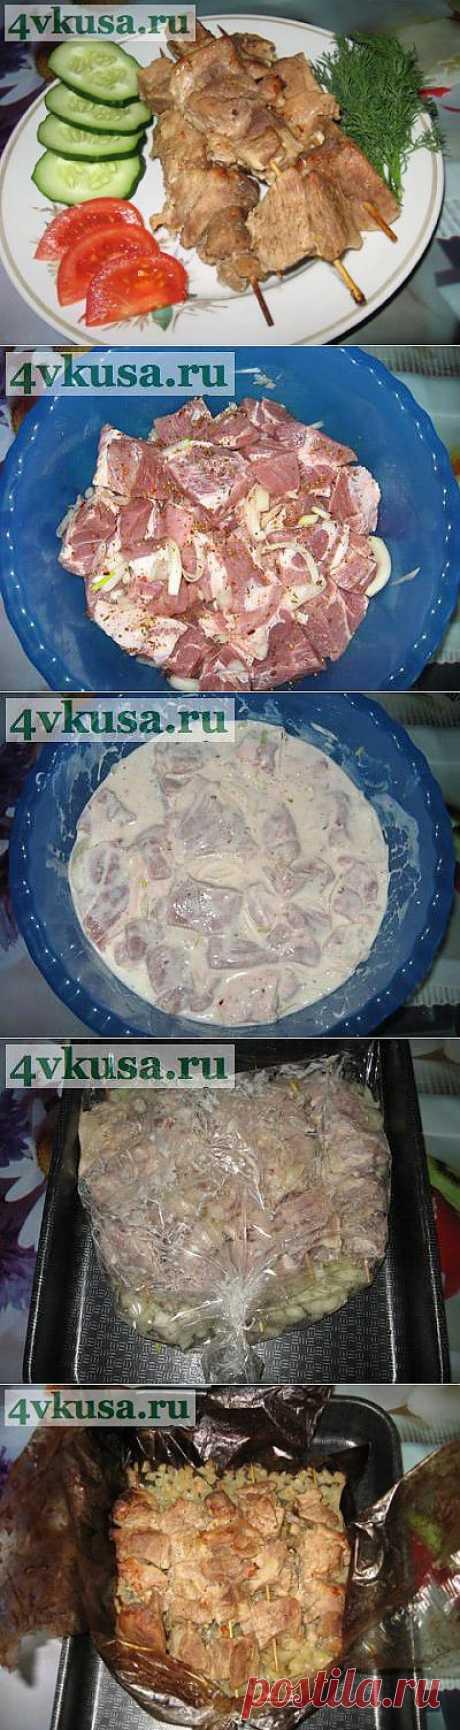 """Мясо в духовке """"а-ля шашлык"""". Фоторецепт.   4vkusa.ru"""